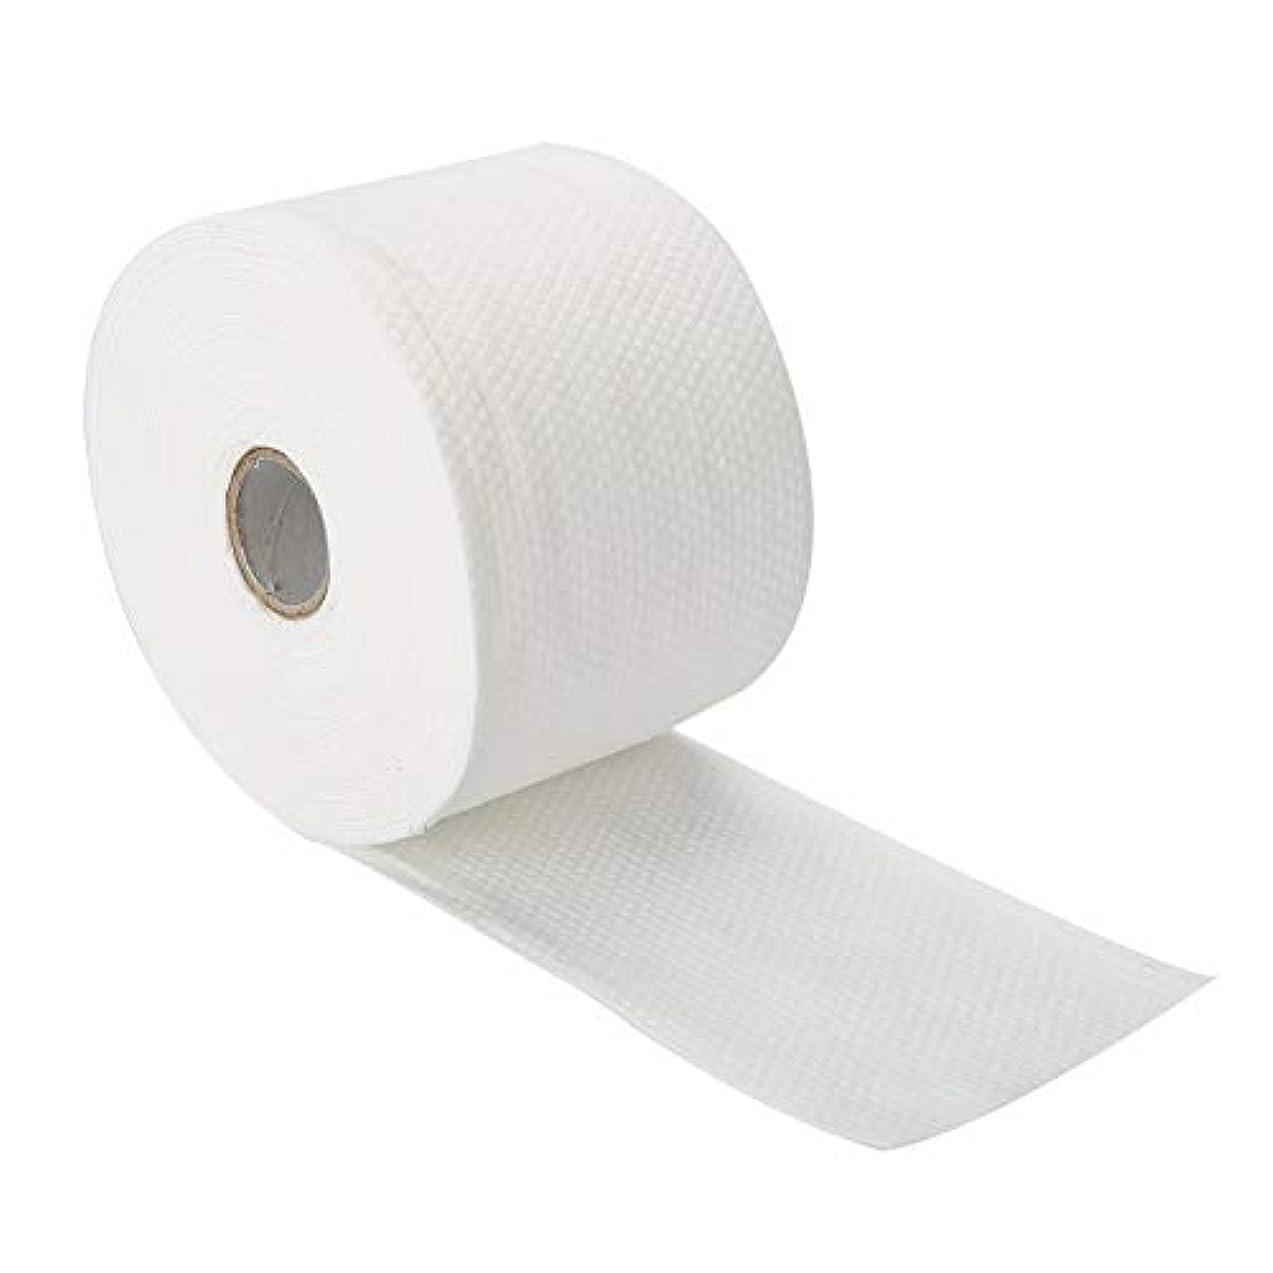 骨髄自宅で倉庫構造の使い捨て可能 表面 タオル 柔らかい Nonwoven クリーニングの化粧品の綿パッド25m